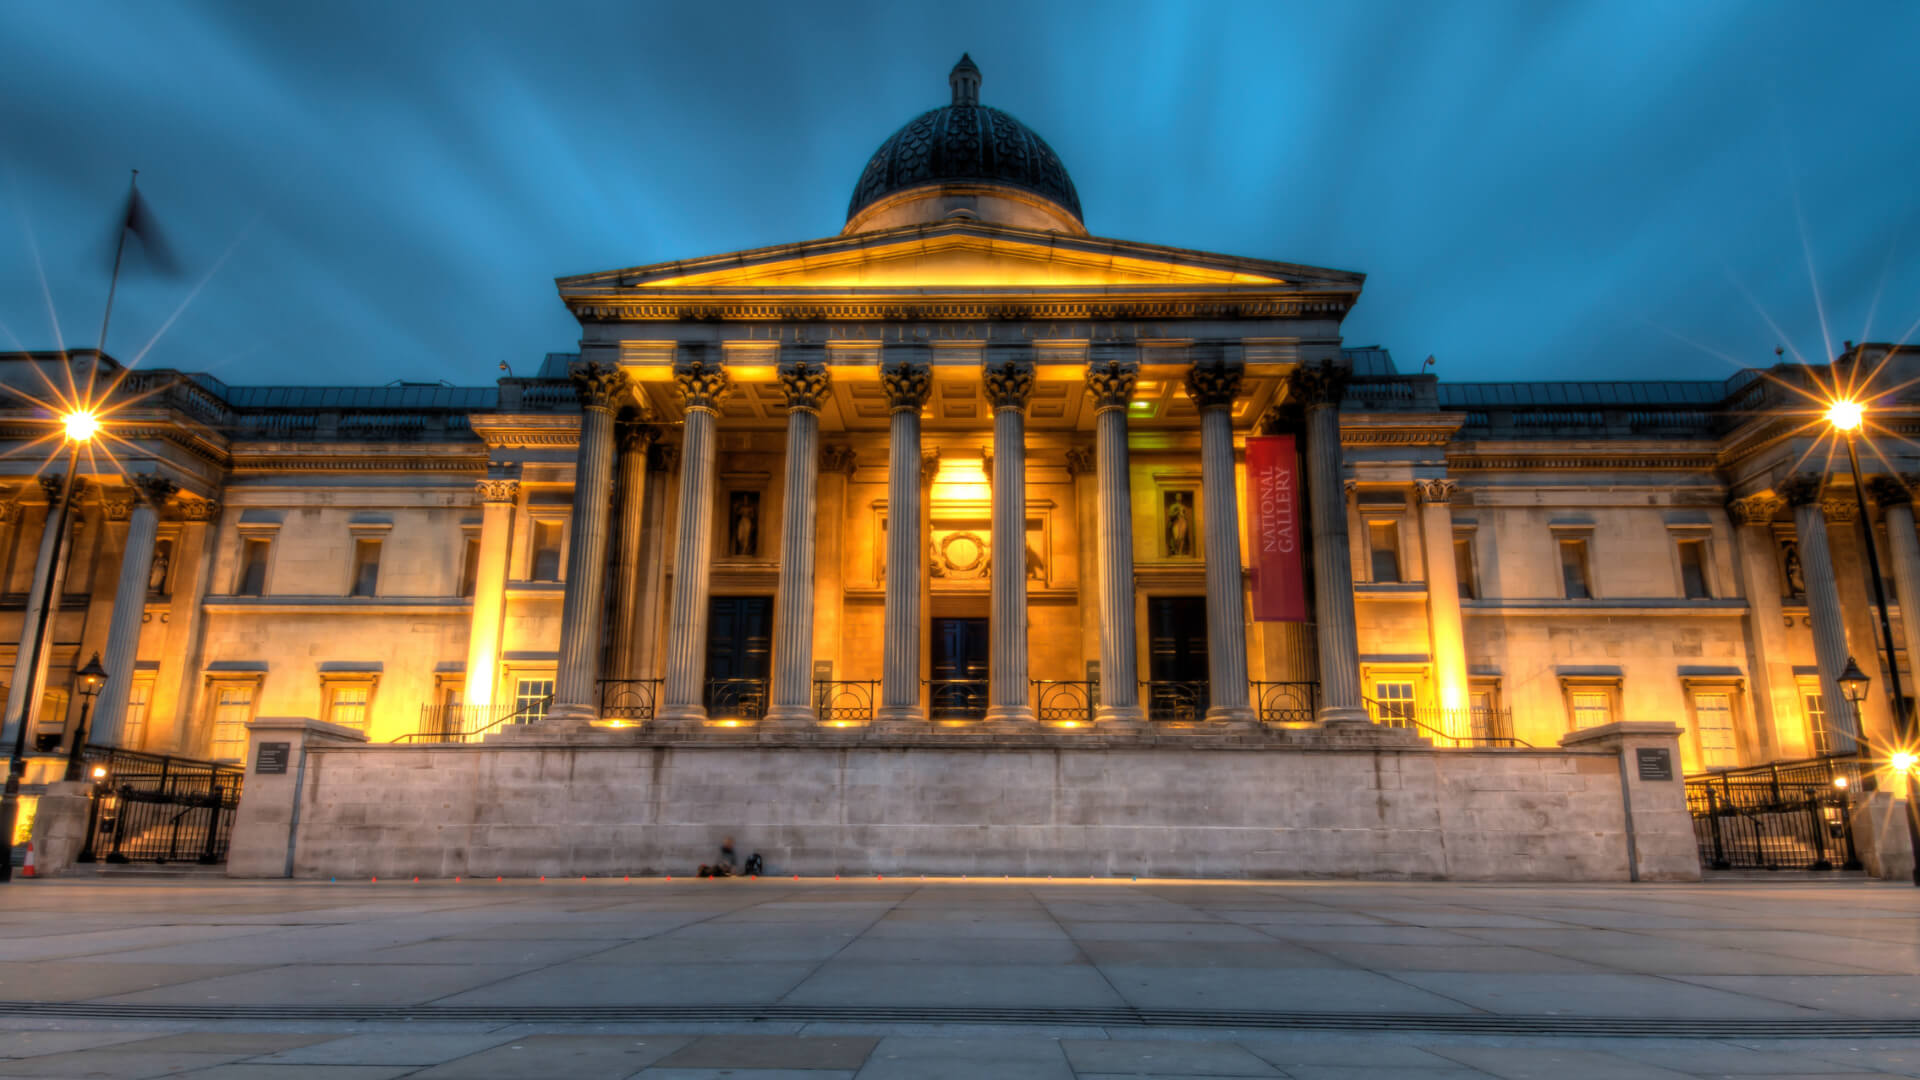 Avrupa'da Görülmesi Gereken Sanat Müzeleri ve Galeriler